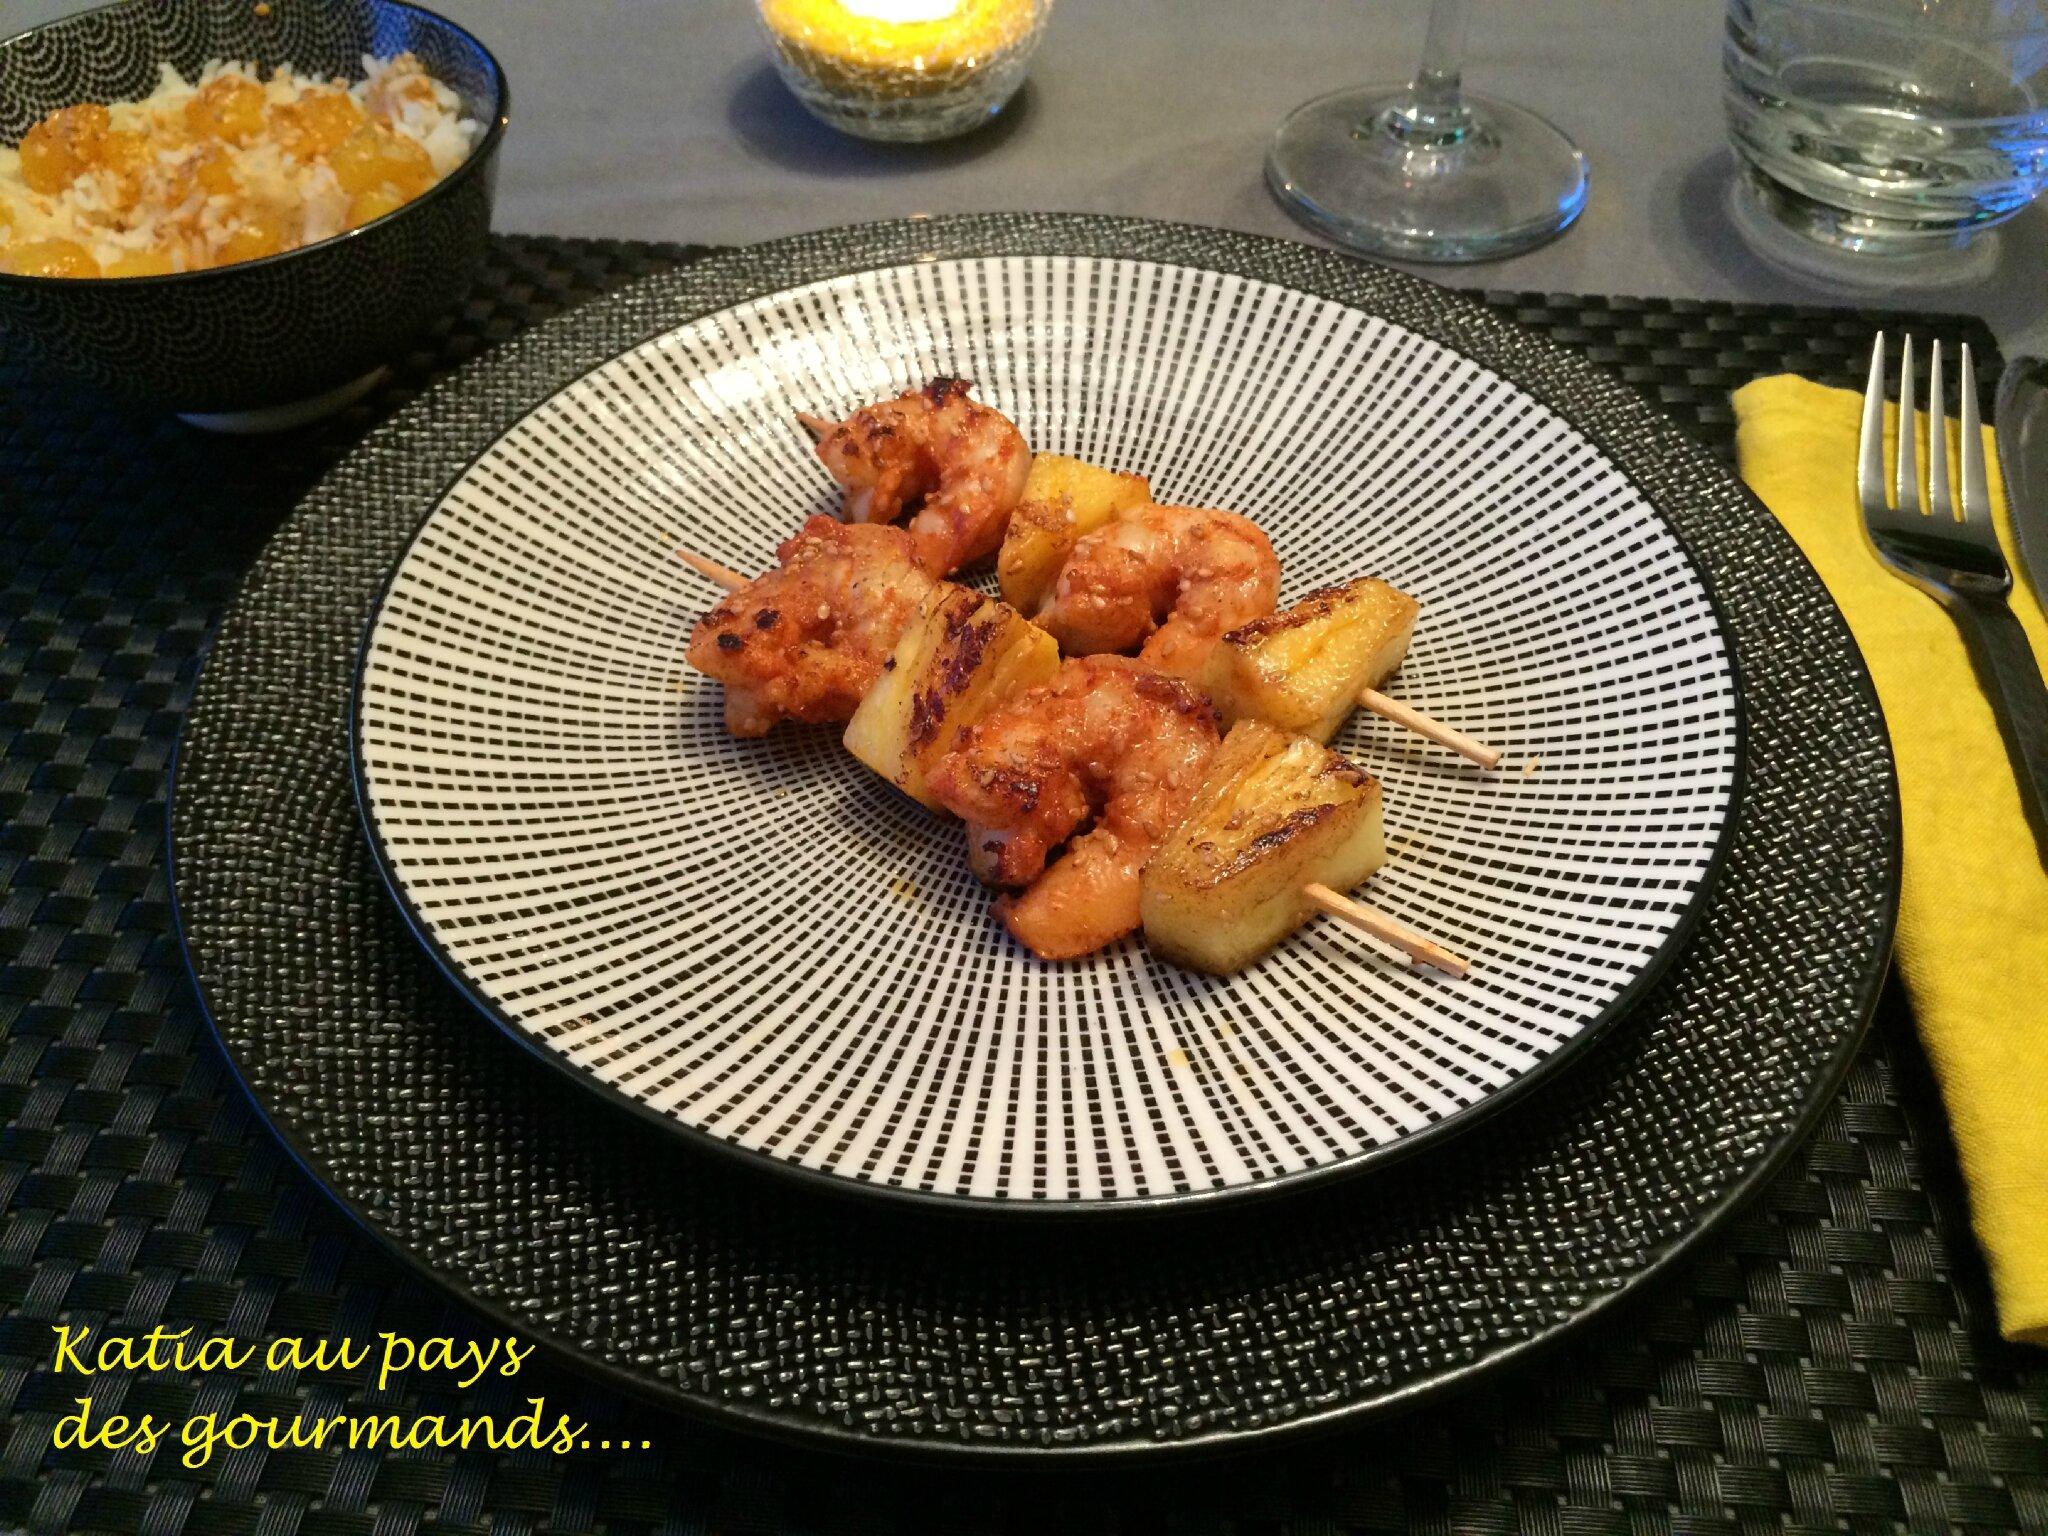 Brochettes d'Ananas rôti et de gambas marinées au tandoori et piment doux